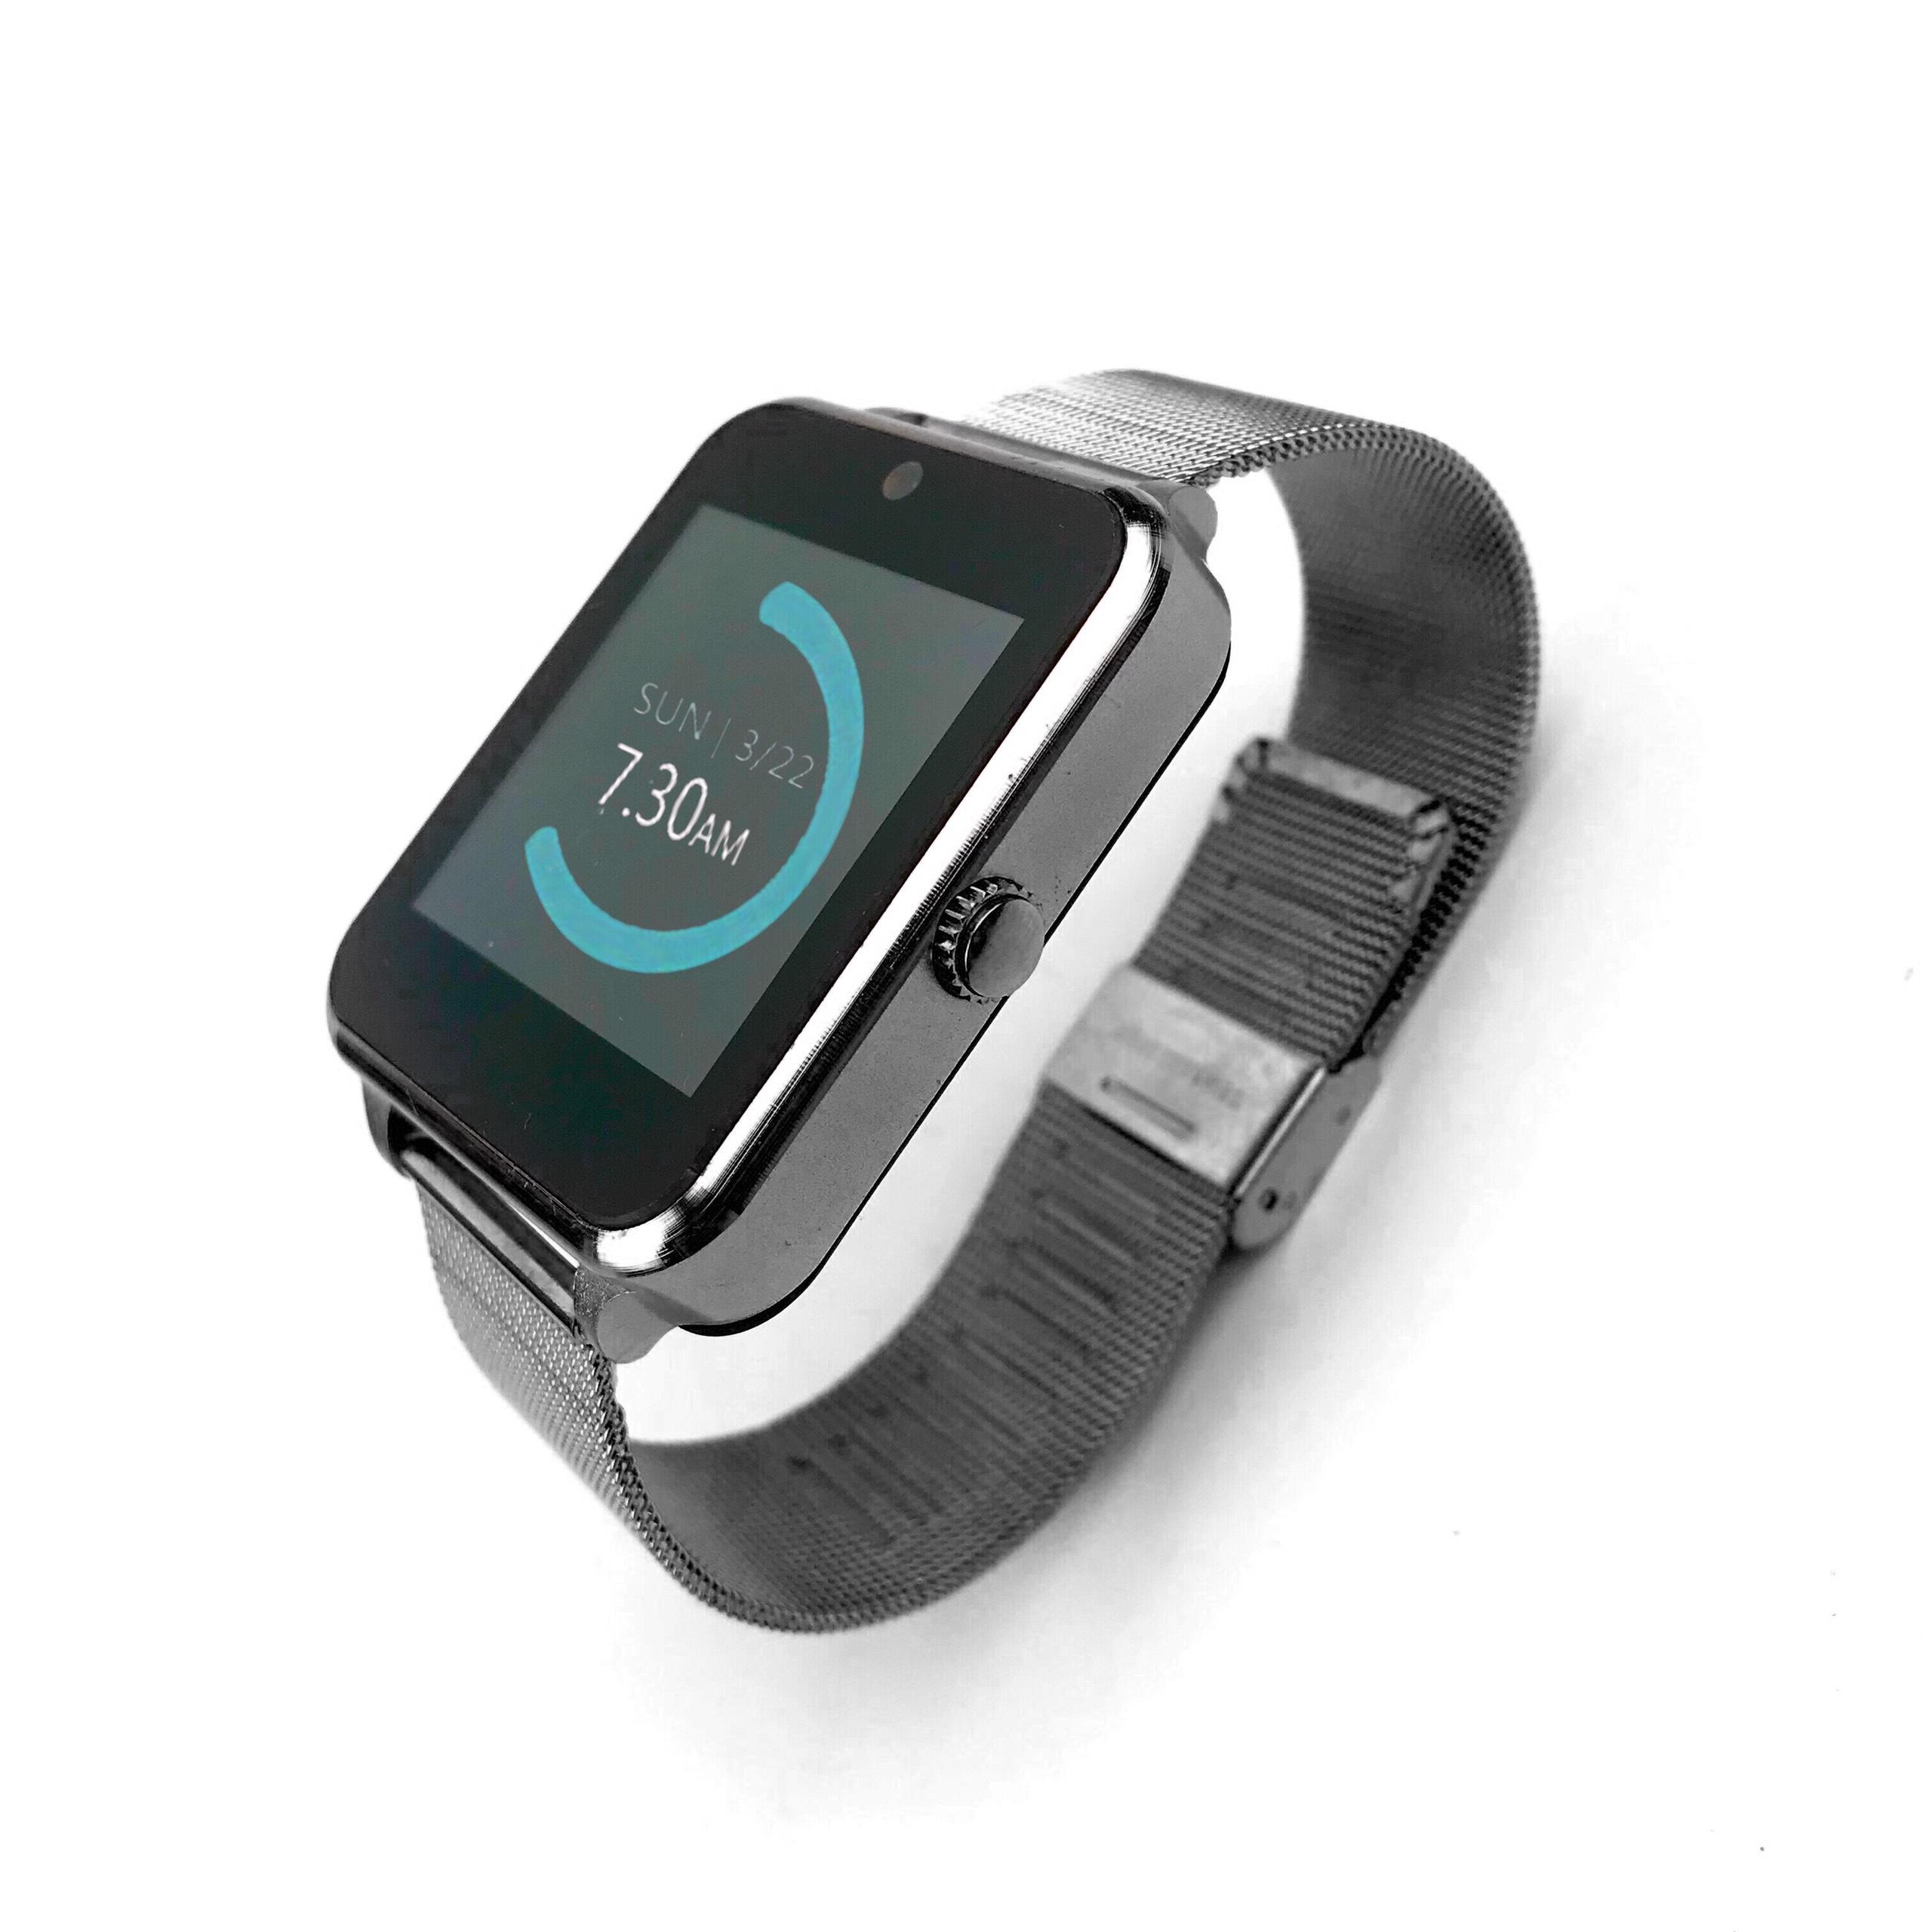 Đồng hồ thông minh GUTEK Z60 cảm ứng, lắp sim nghe gọi nhắn tin, 3 màu đen hồng, tương thích iphone androi - Hàng chính hãng